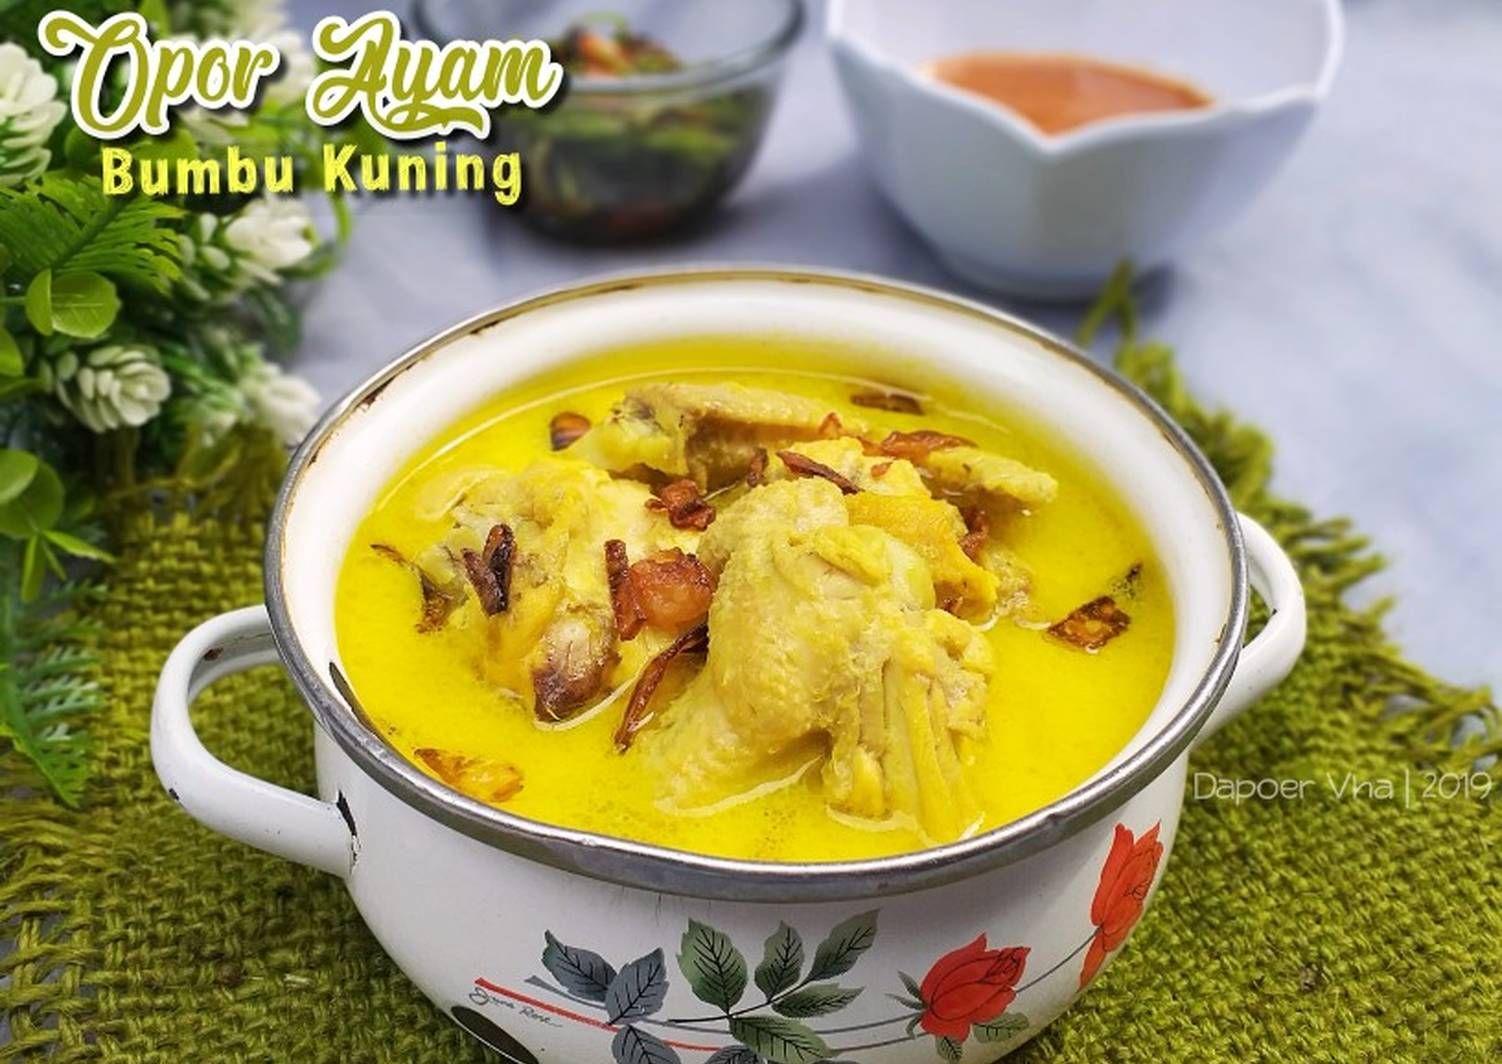 Resep Opor Ayam Bumbu Kuning Oleh Dapoer Vha Resep Resep Resep Masakan Resep Masakan Asia